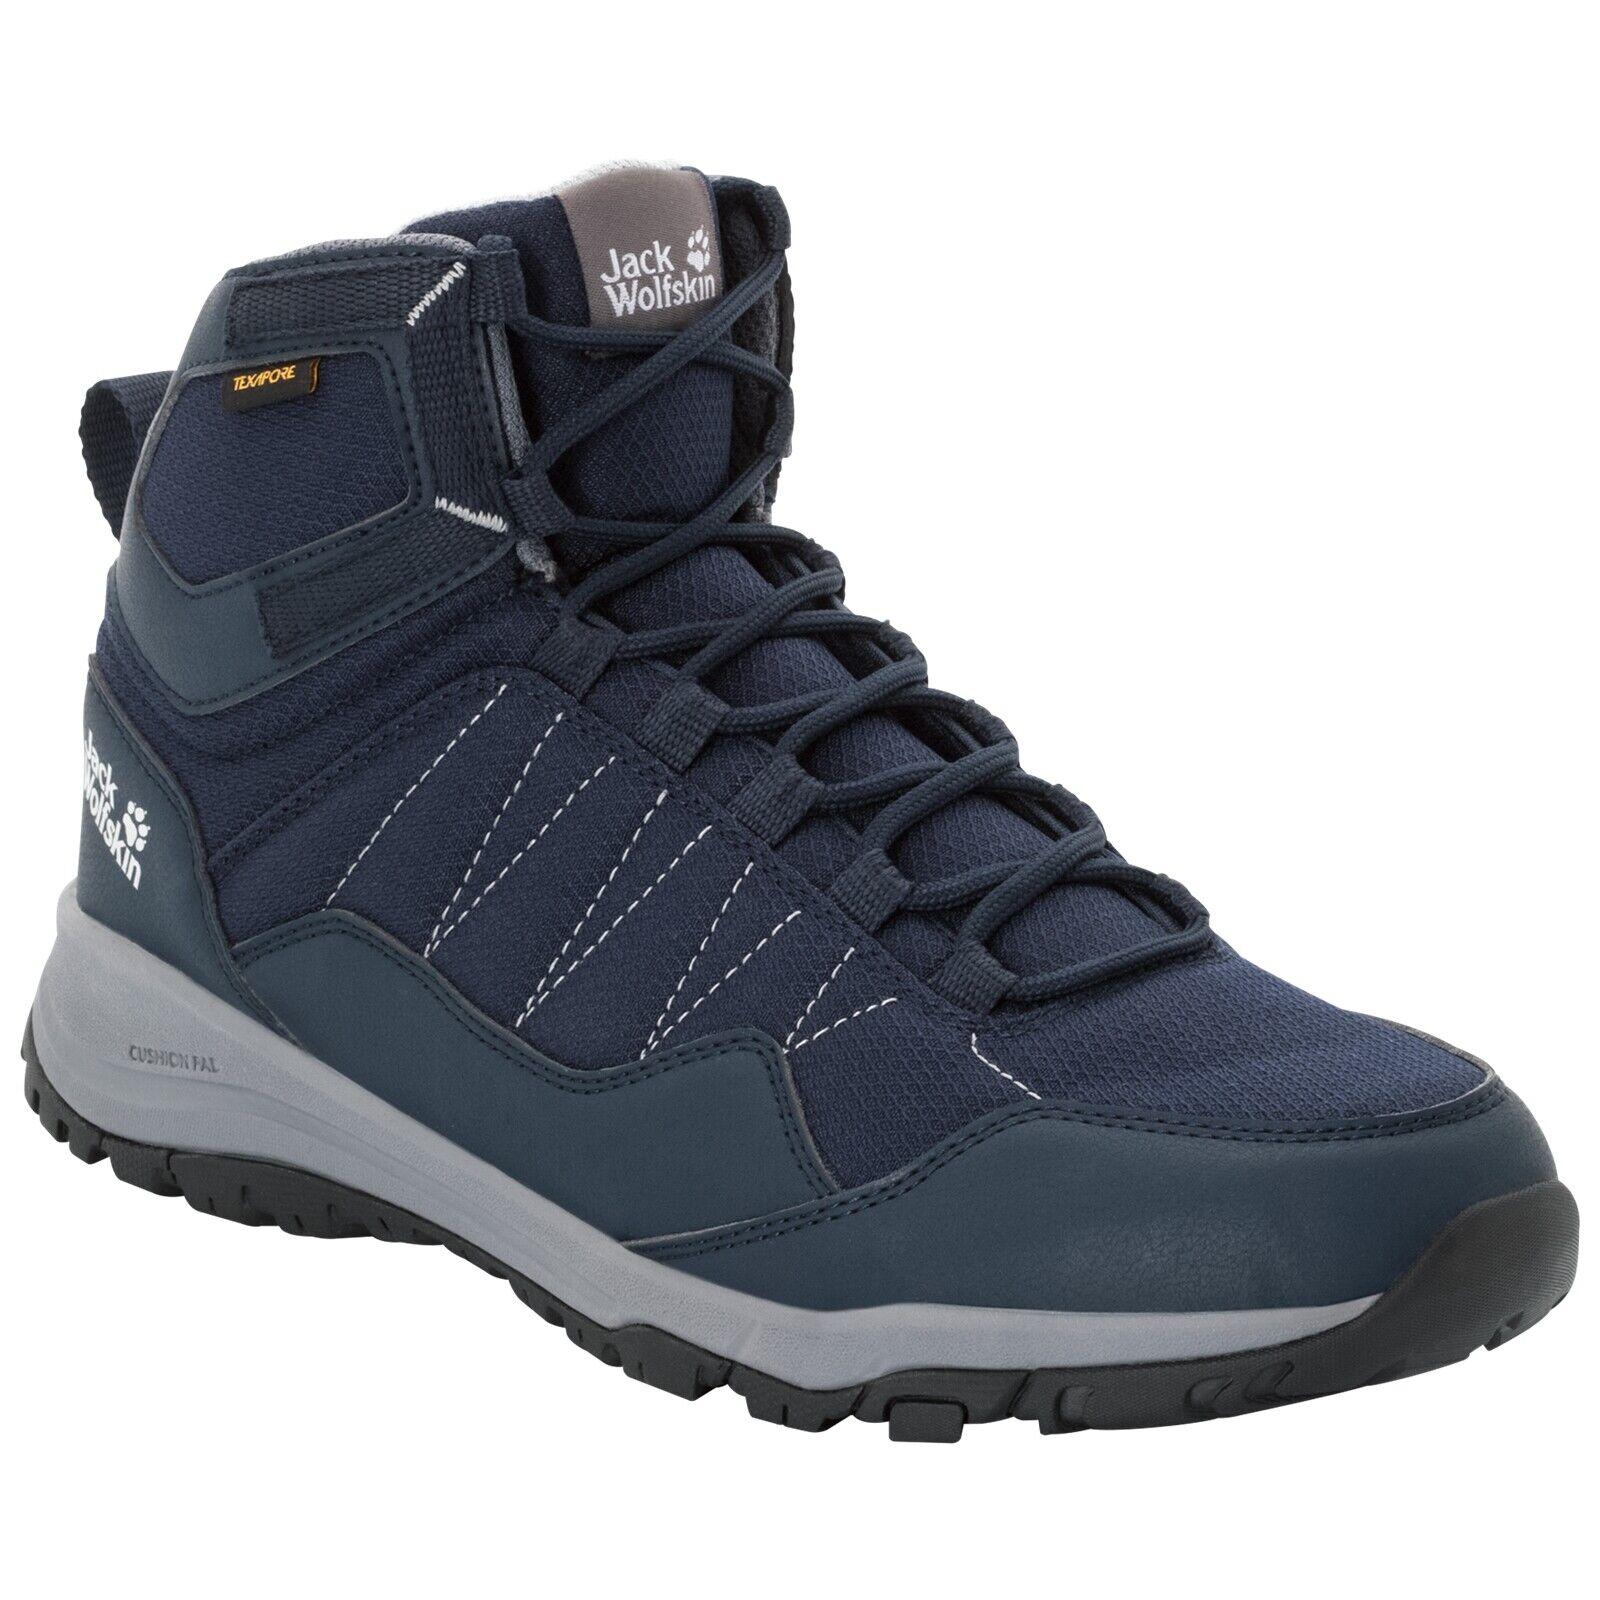 Schuhe Jack Wolfskin Maze Texapore Mid Men dark Blau light grau Wasserdicht